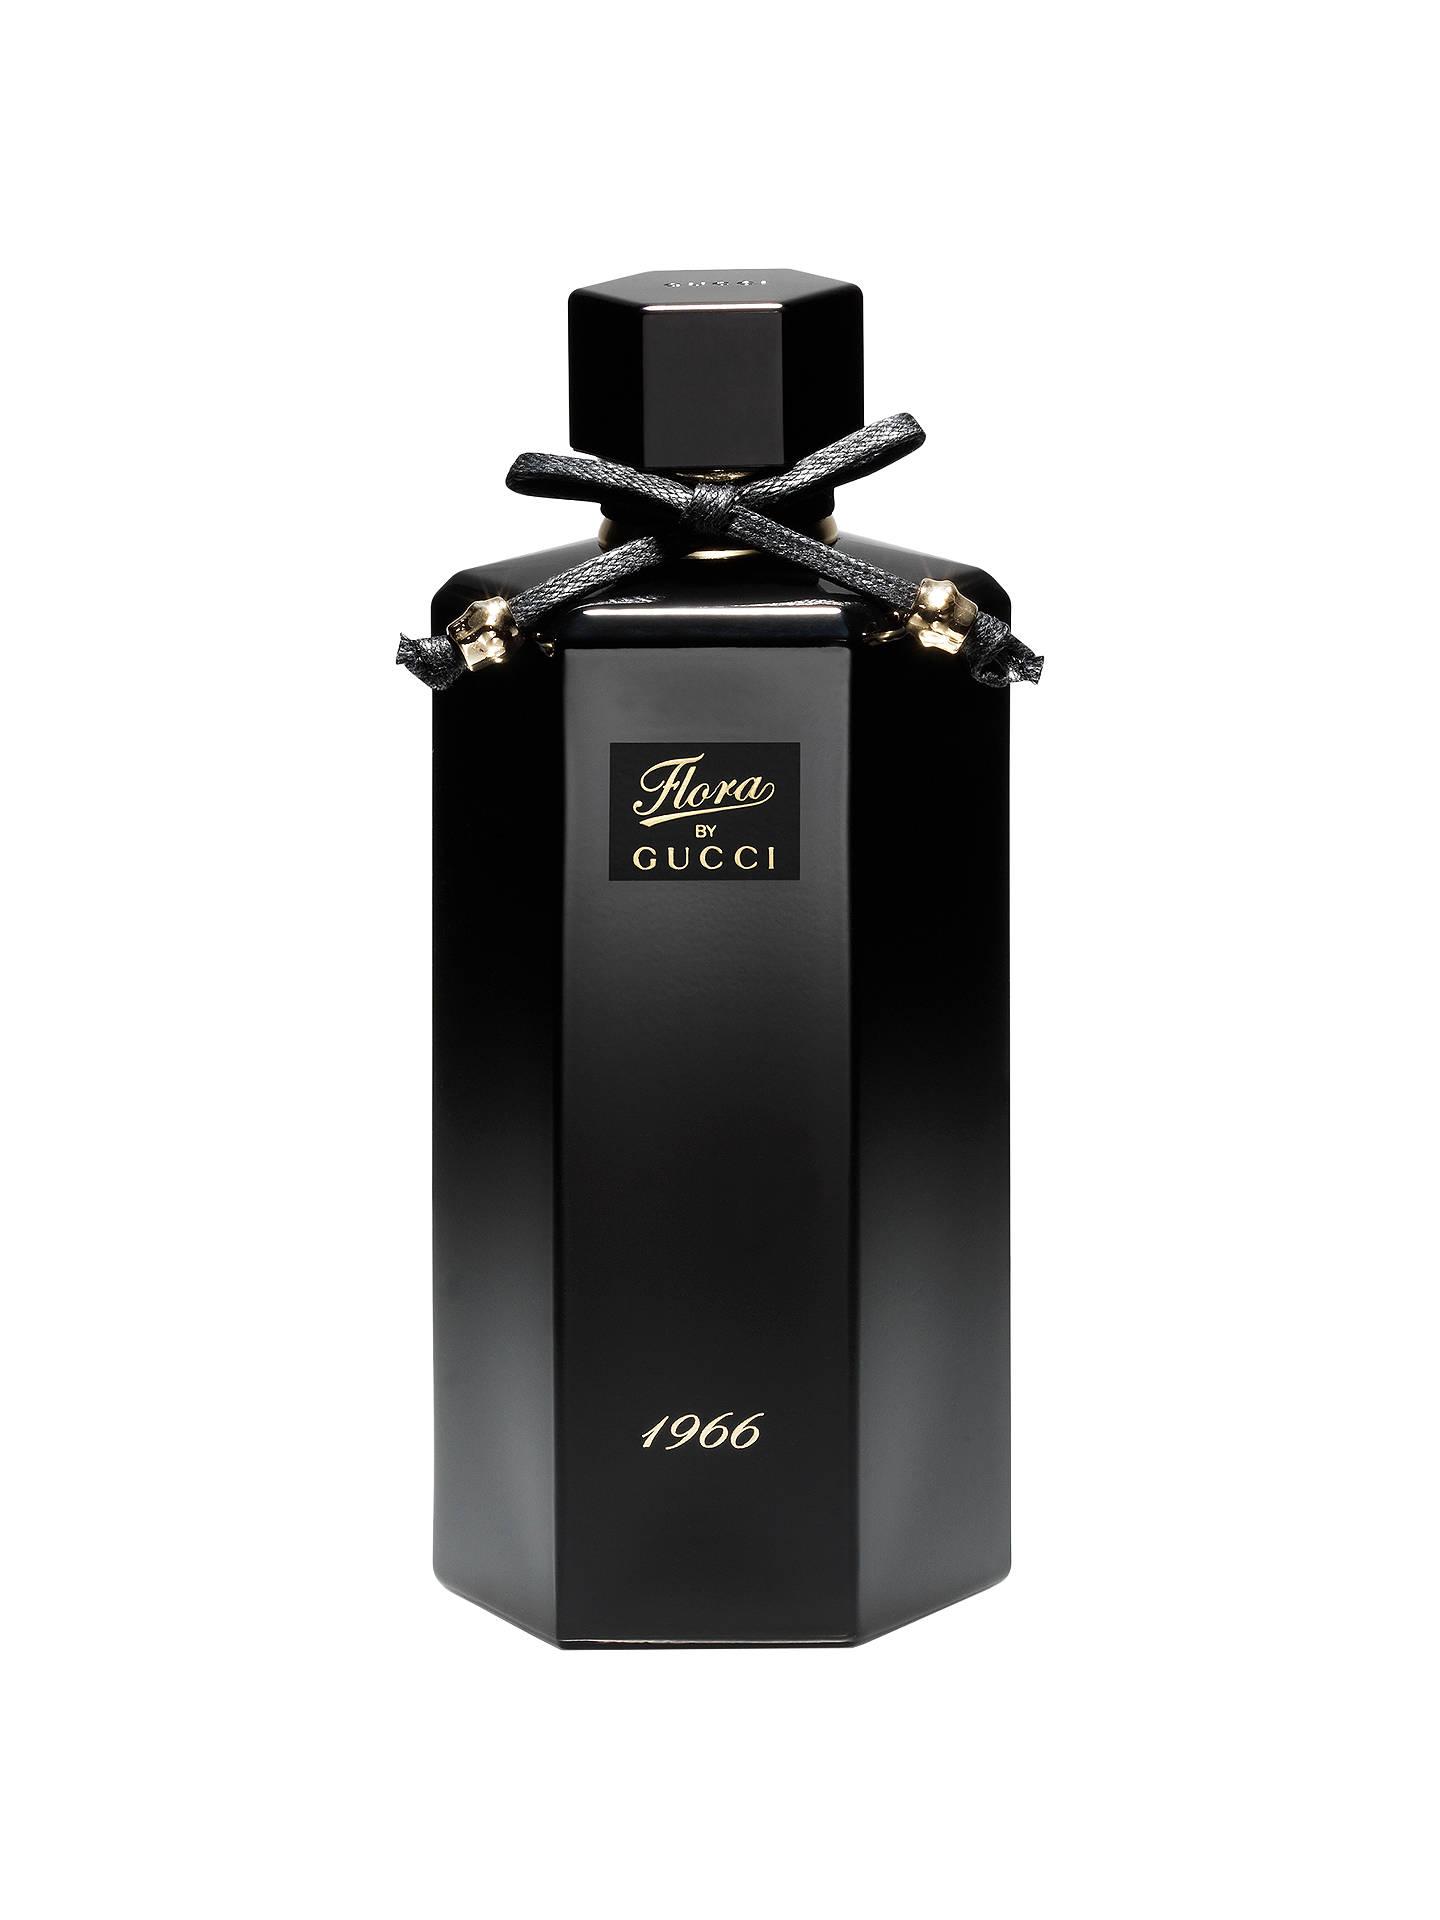 df6088dd097 Buy Gucci Flora 1966 Eau de Parfum